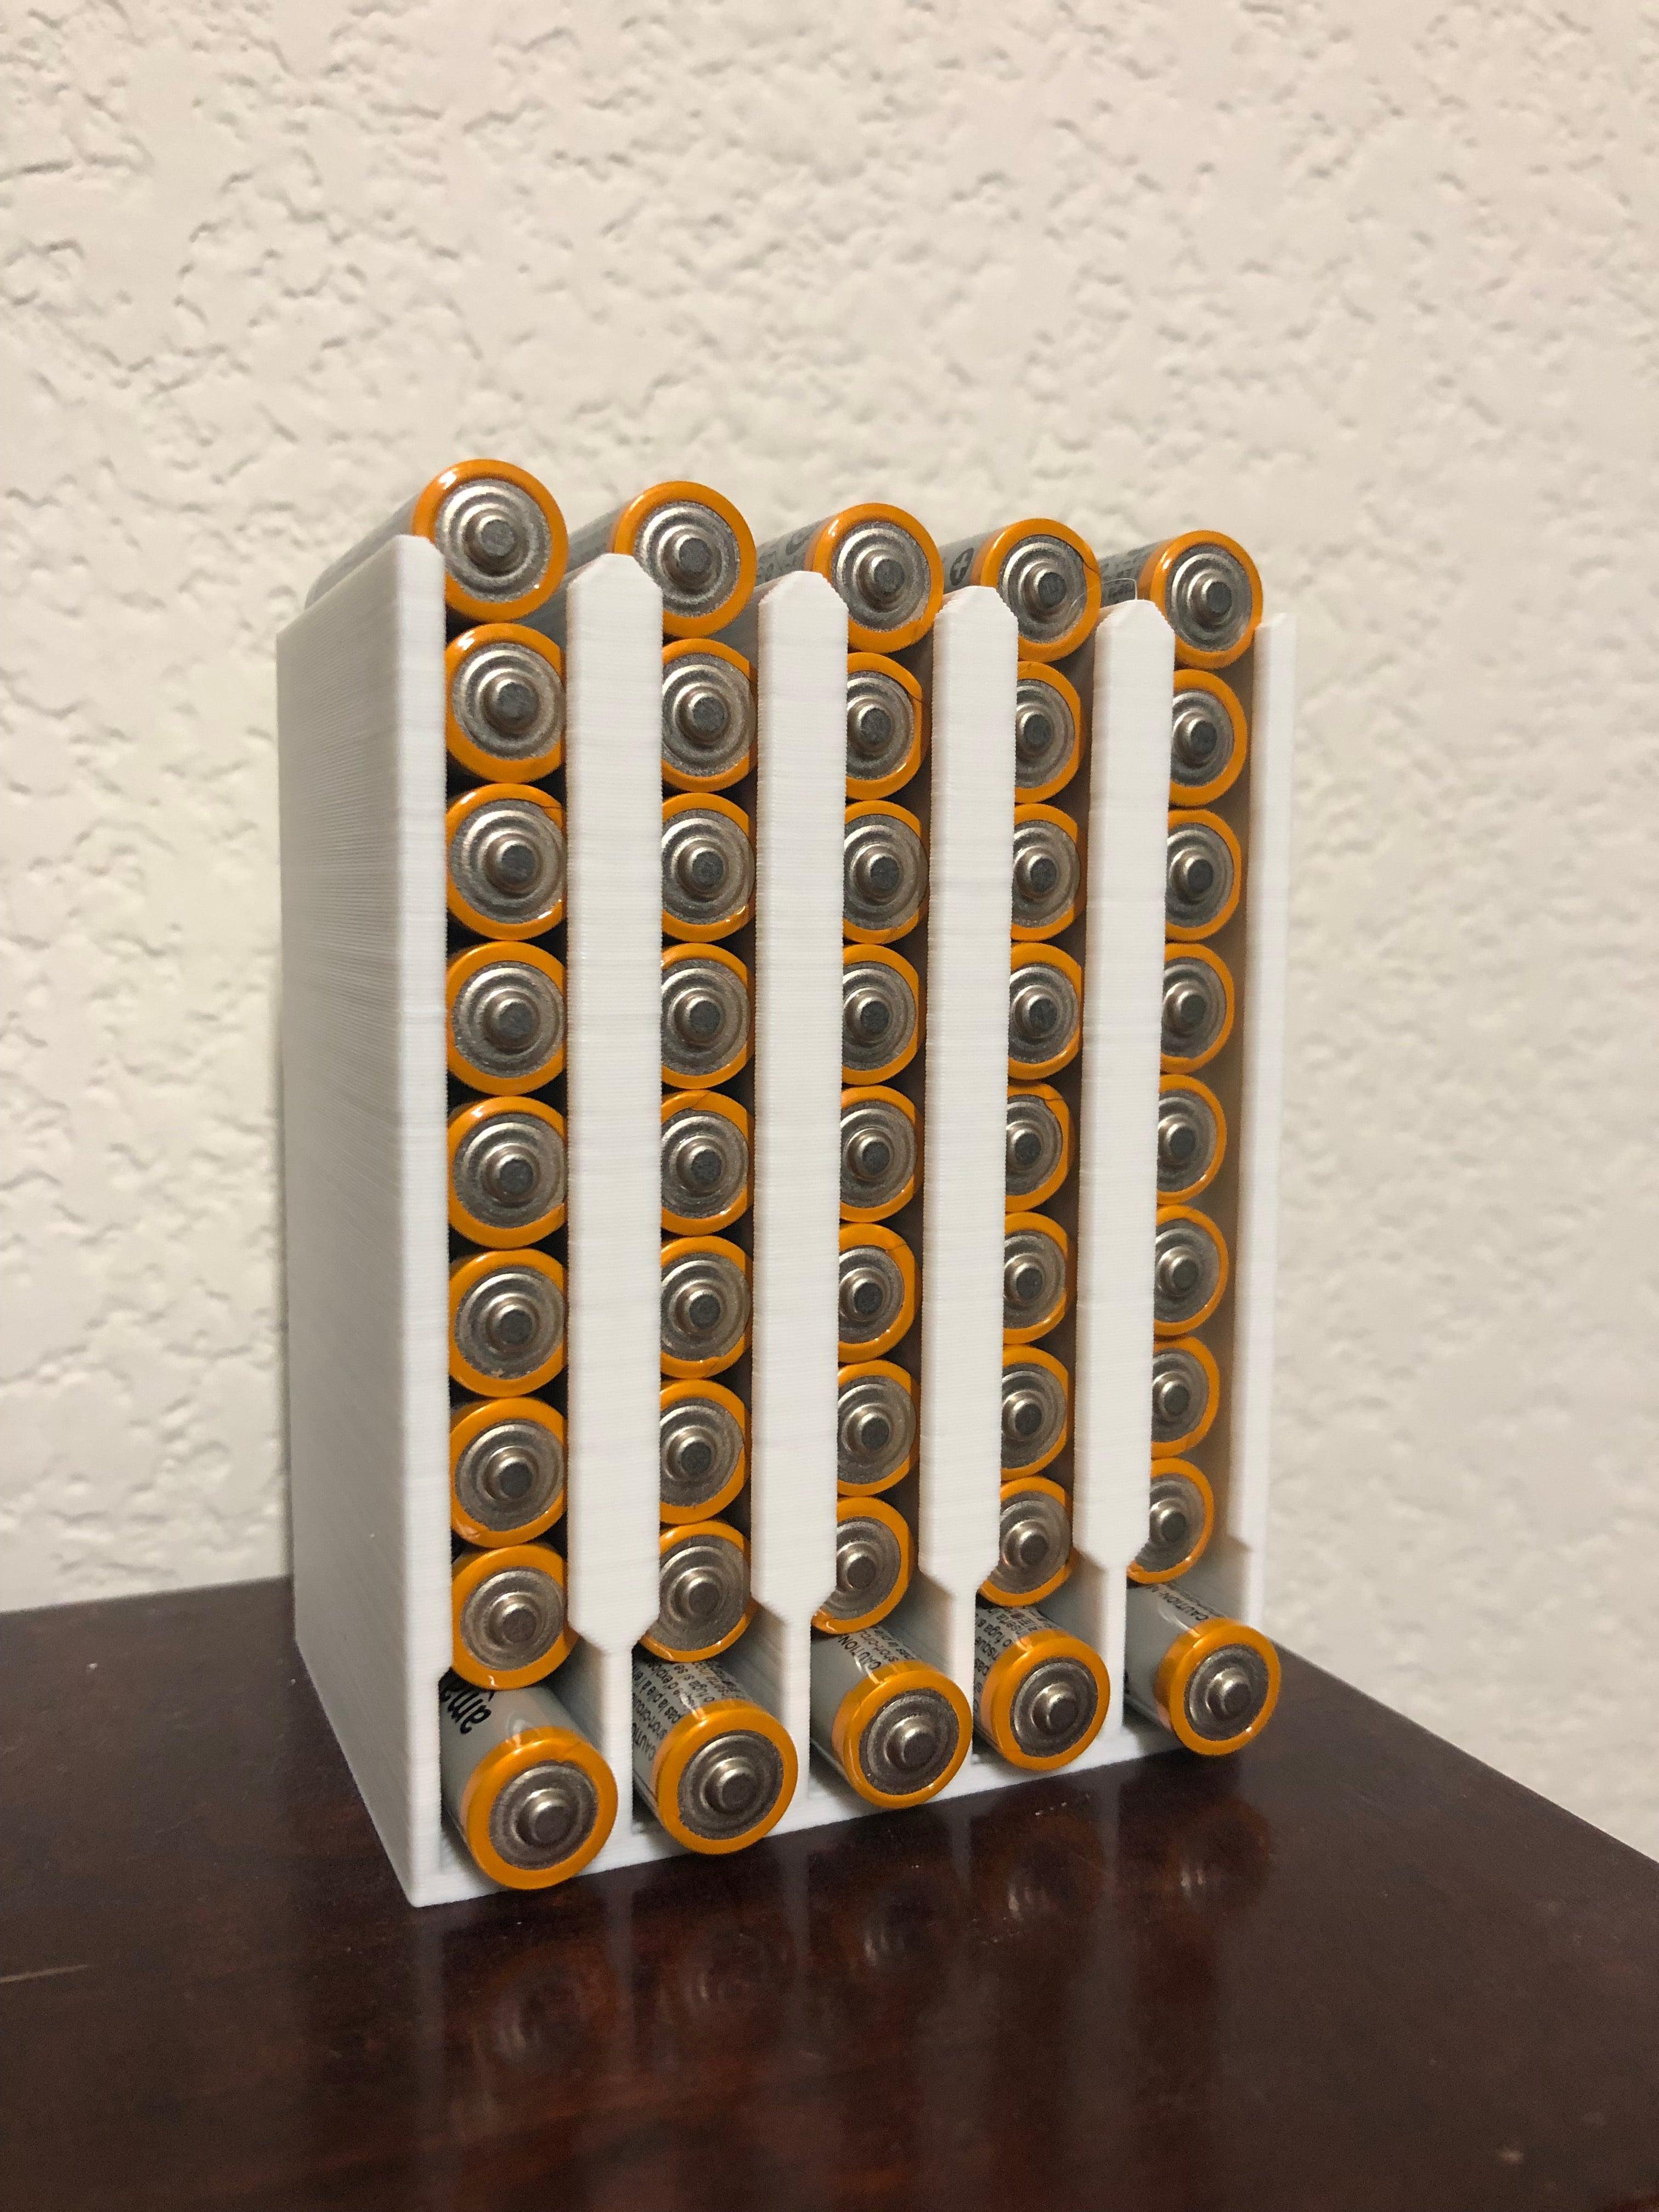 Özelleştirilebilir pil dağıtıcı kutusu düzen